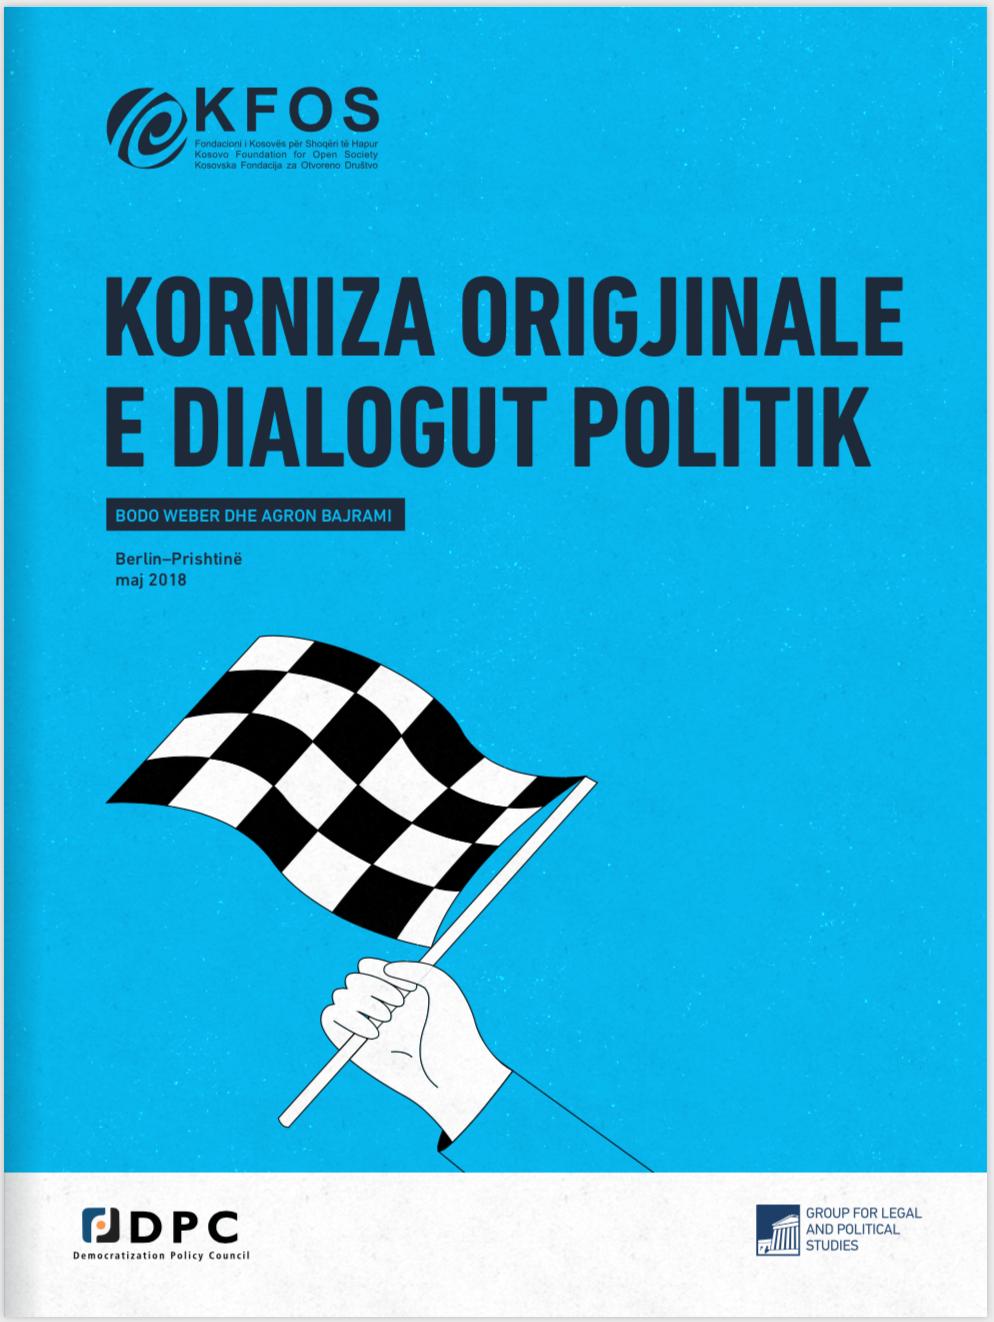 Korniza origjinale e dialogut politik